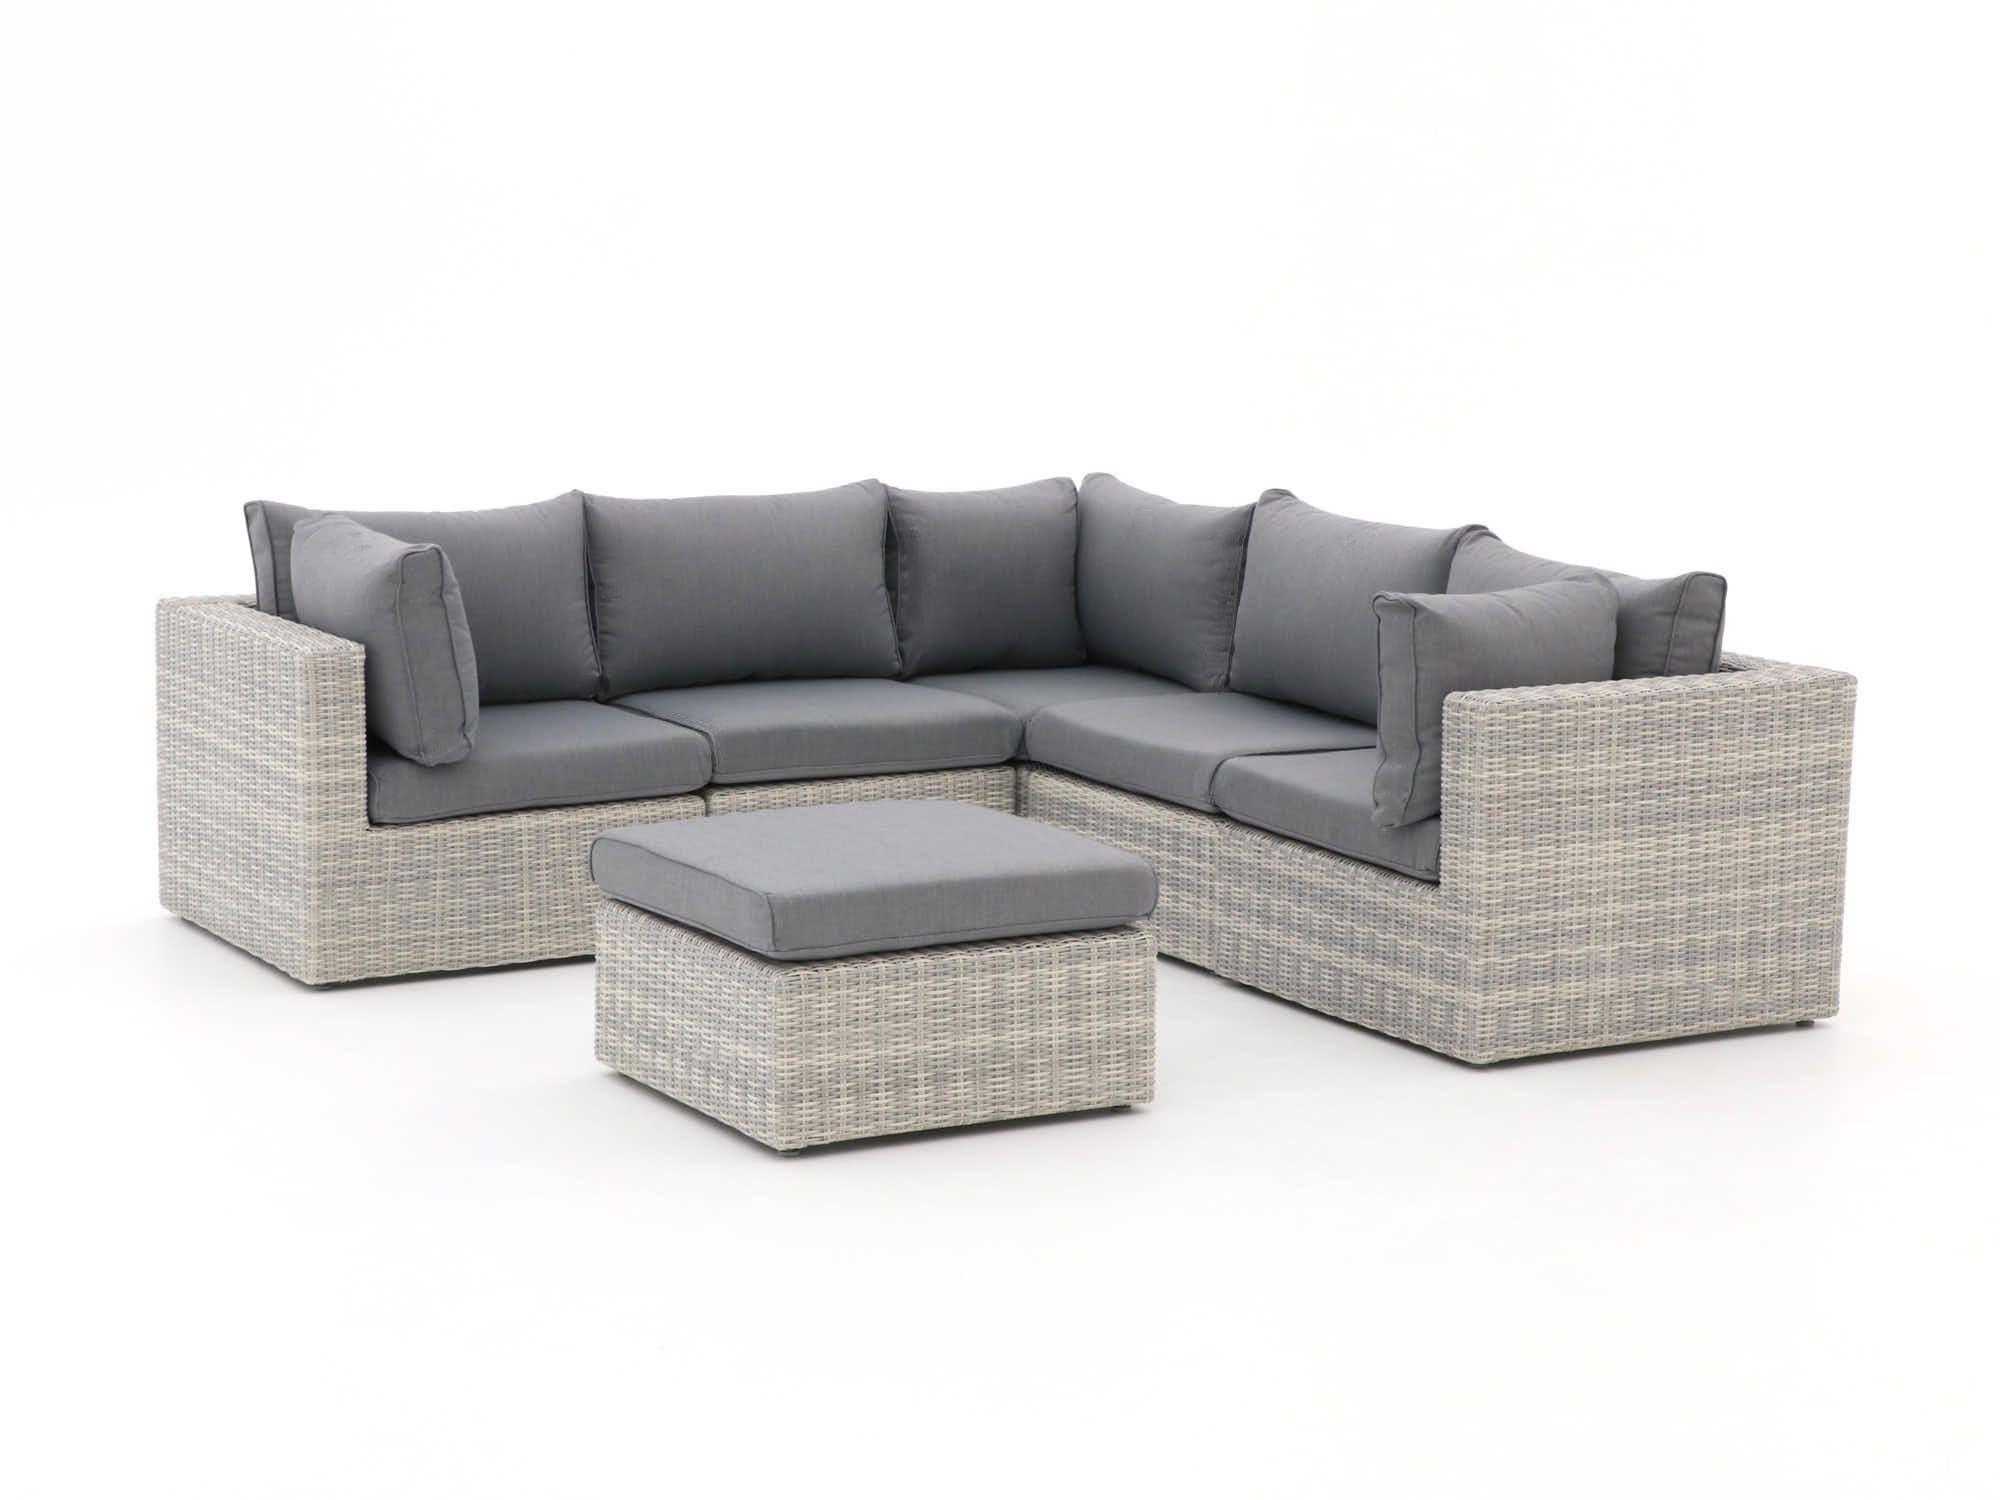 Hoek Loungeset Grijs.Hoek Loungeset Wit Voor In De Tuin Met Grijze Kussens Comfortabel